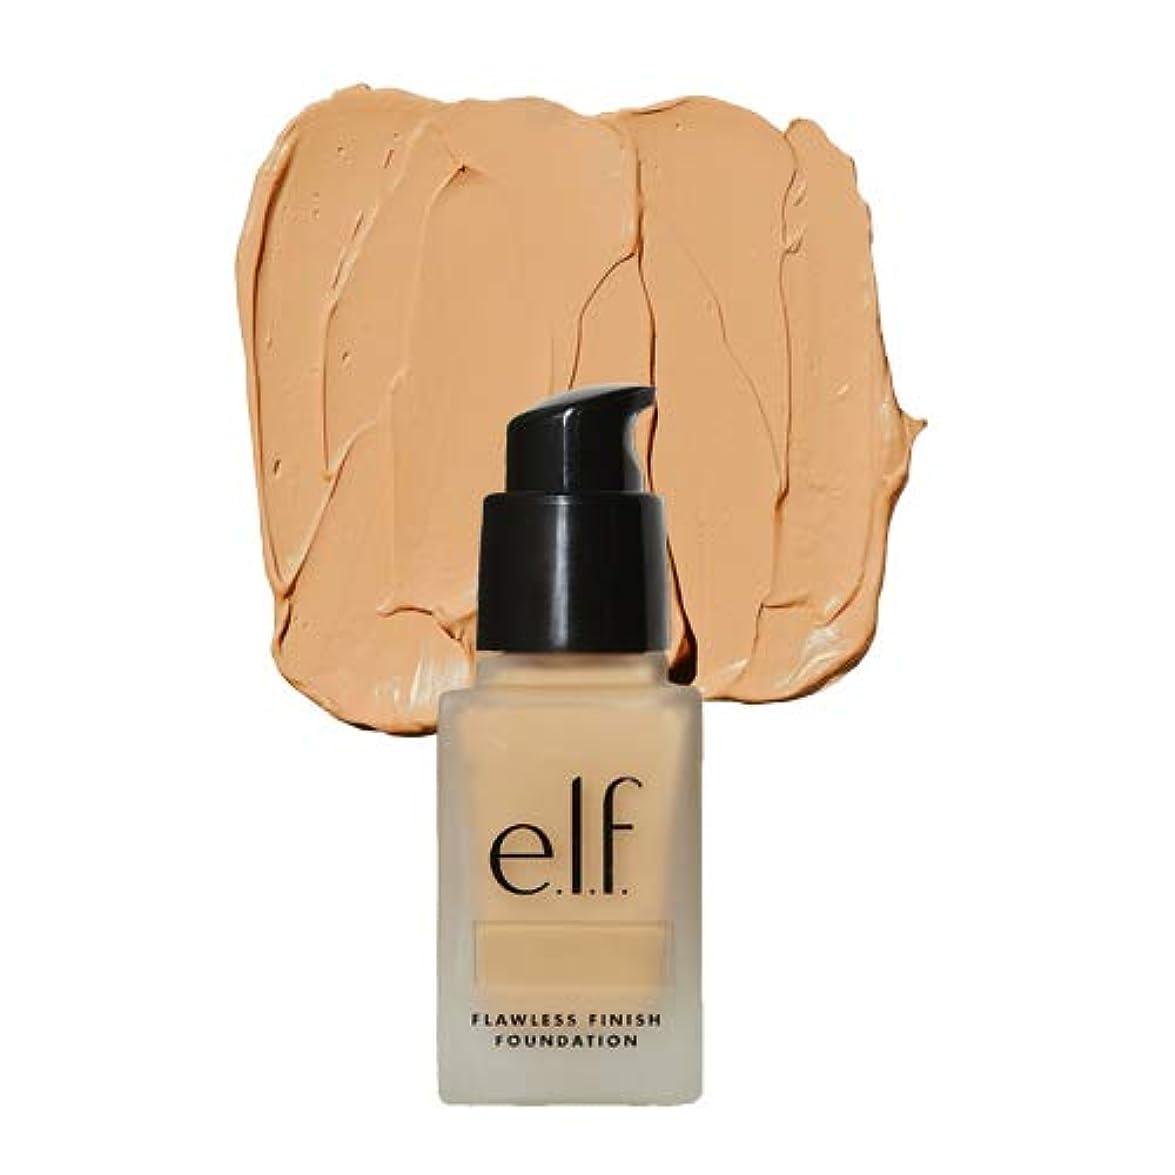 米国アームストロングロマンス(6 Pack) e.l.f. Oil Free Flawless Finish Foundation - Buff (並行輸入品)